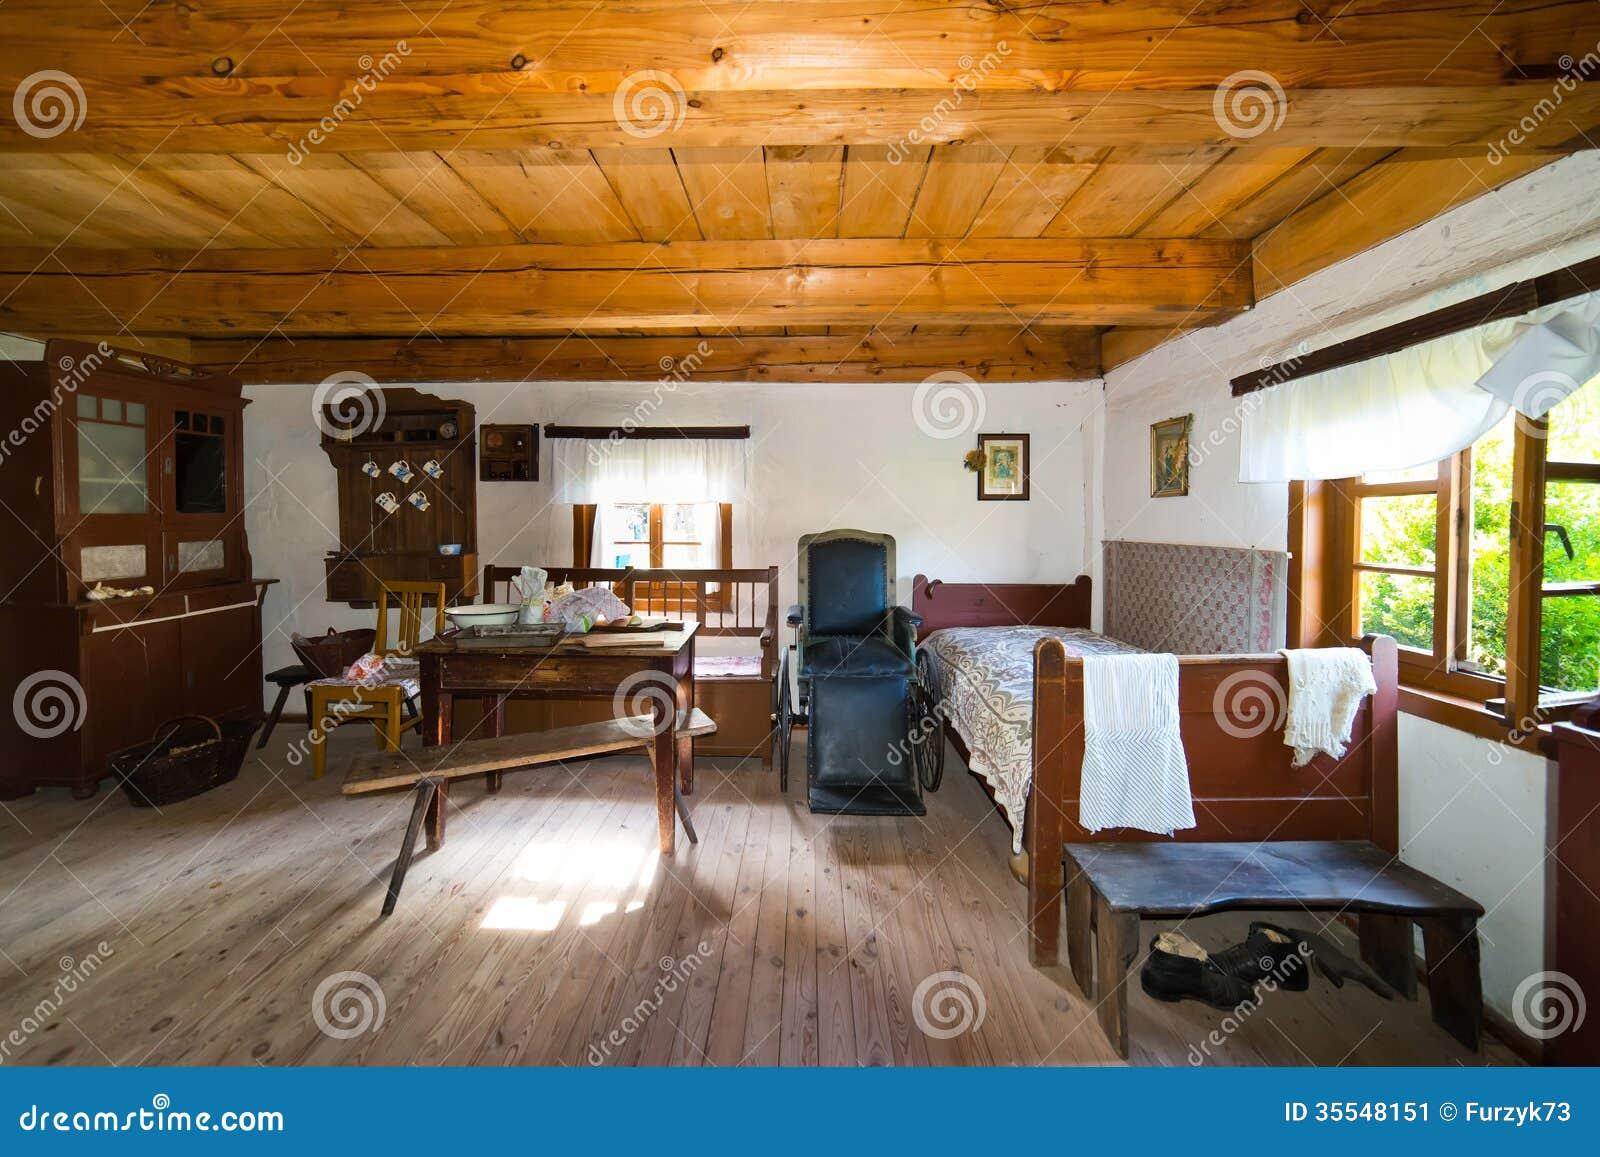 Binnen van oud landelijk huis in de eeuw van polen xixth stock afbeelding afbeelding 35548151 - Interieur oud huis ...